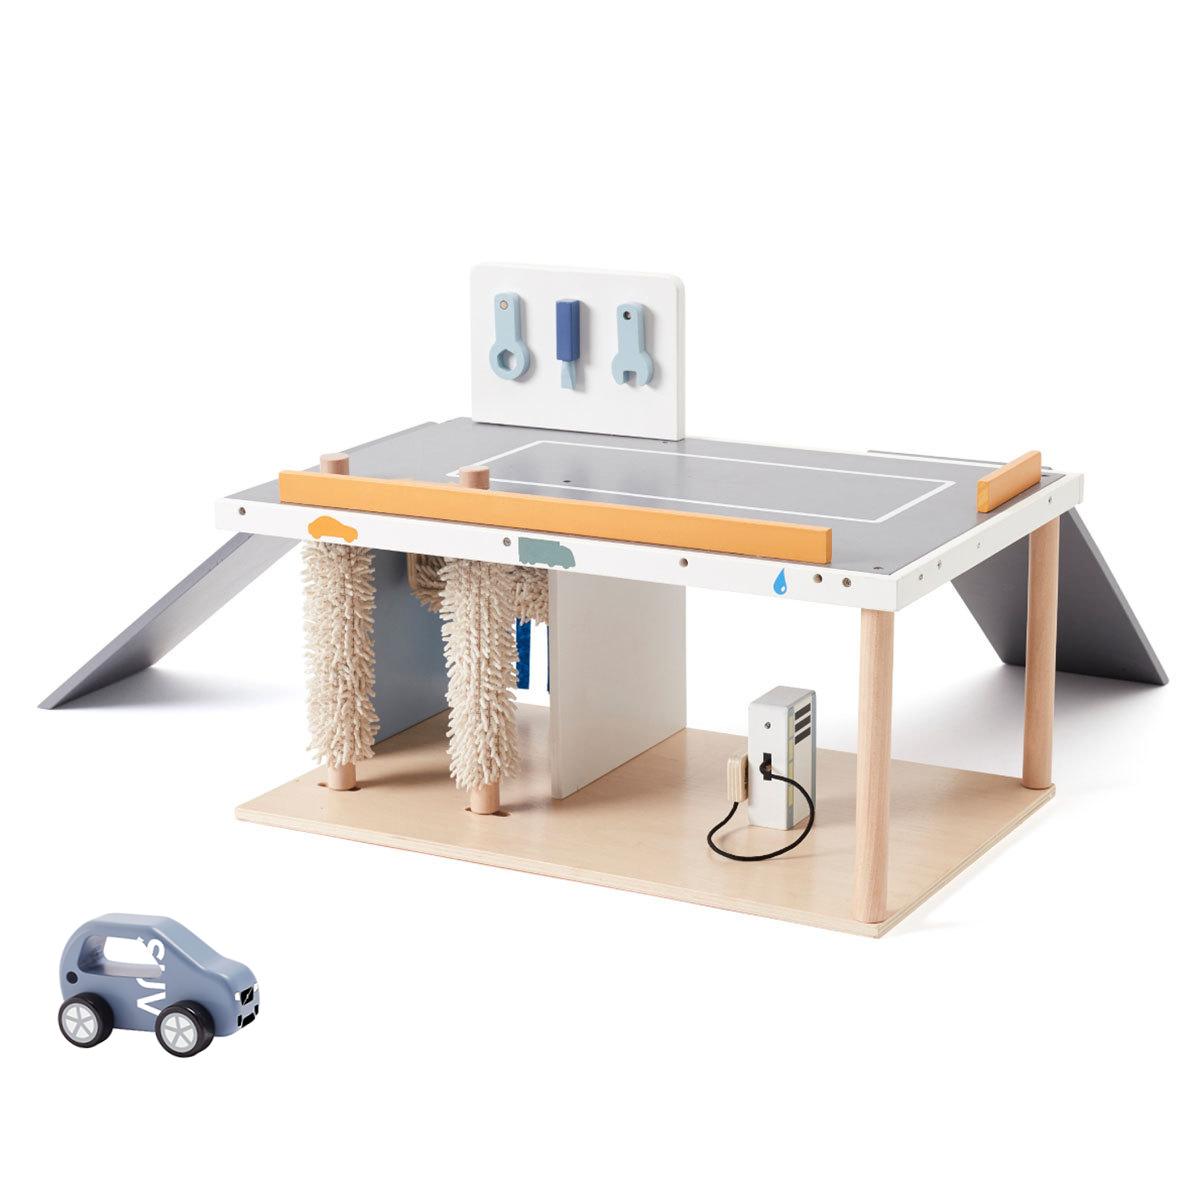 Mes premiers jouets Station Service et Voiture SUV en Bois Station Service et Voiture SUV en Bois